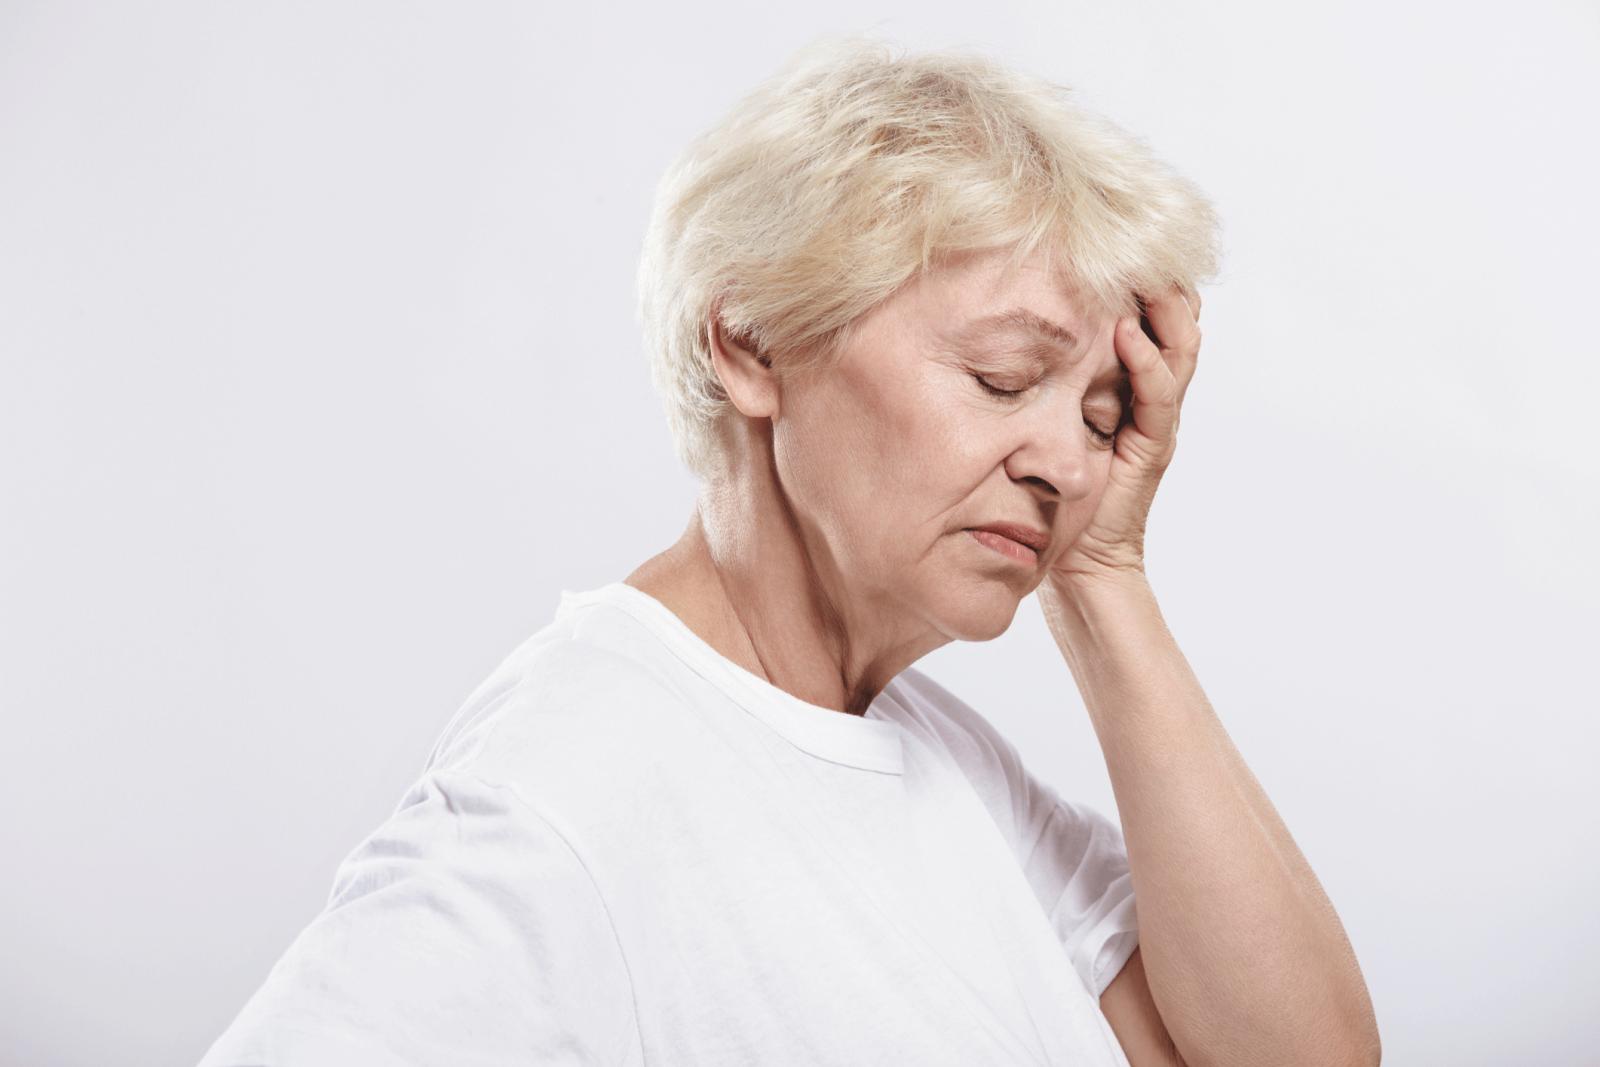 head-pain-tia-stroke-headache